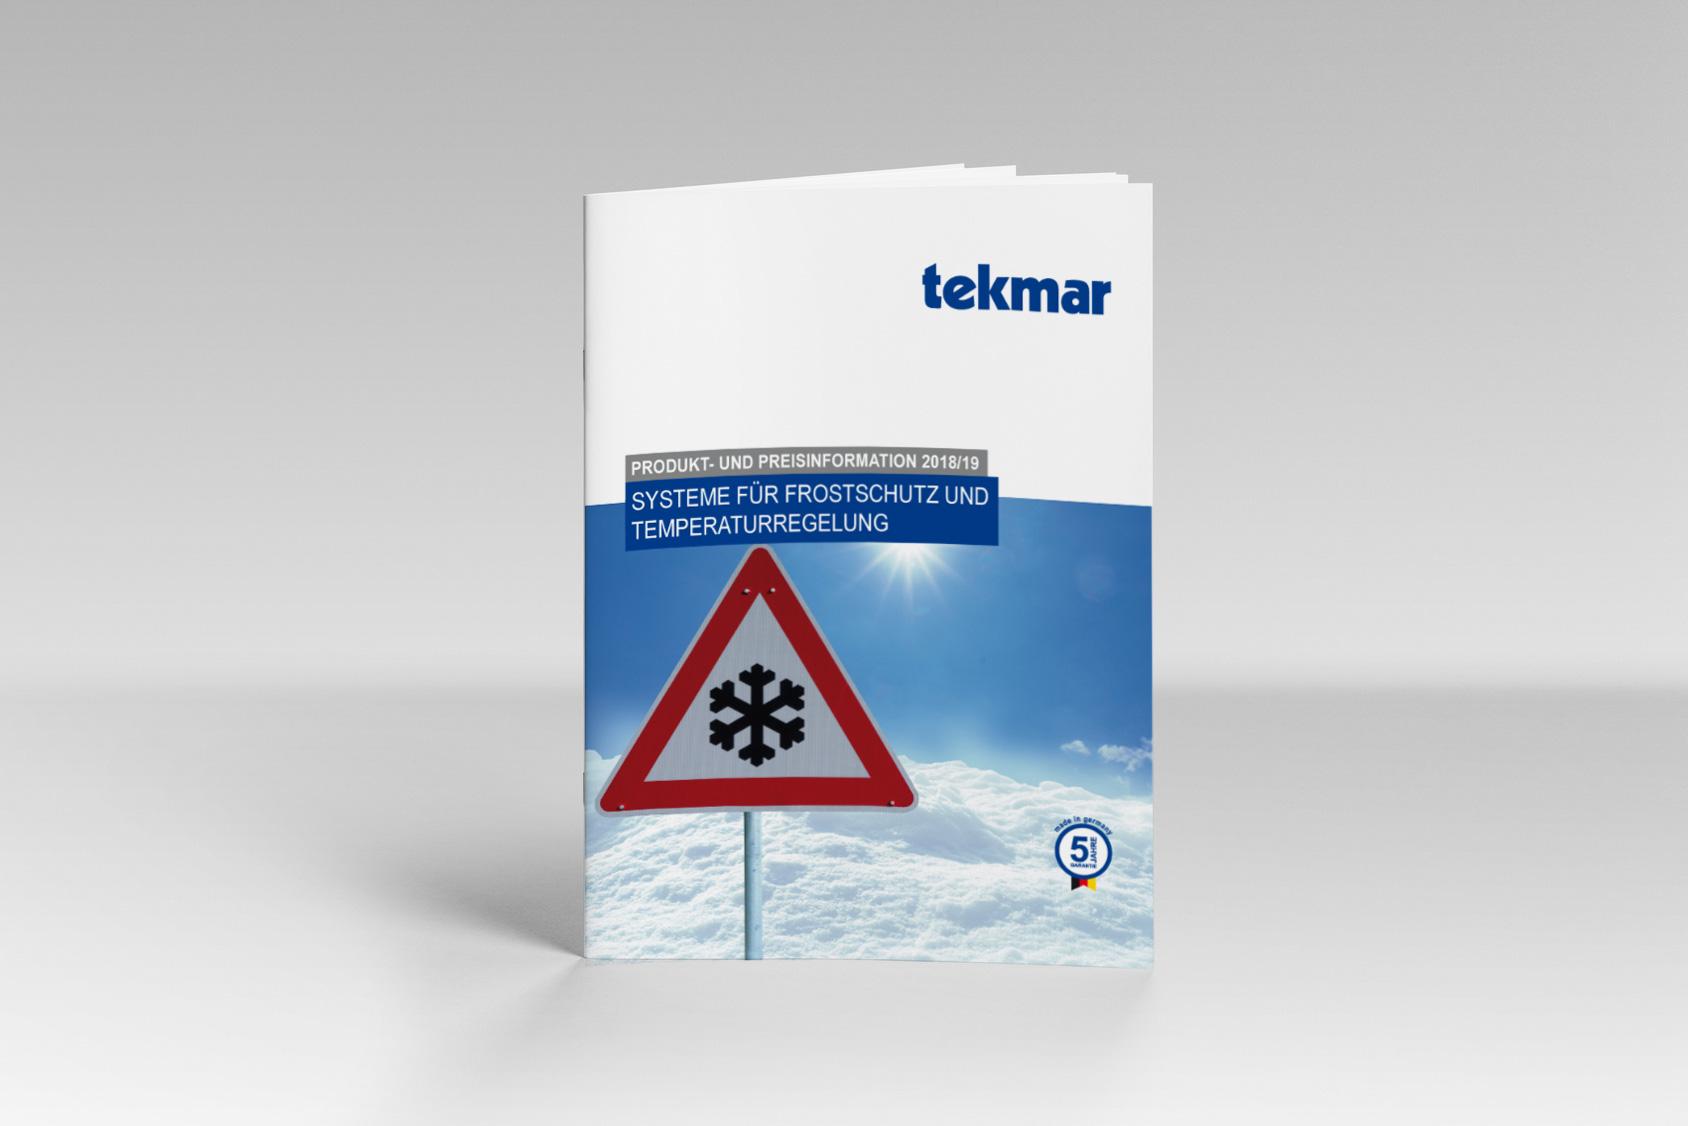 Katalog für tekmar in Essen